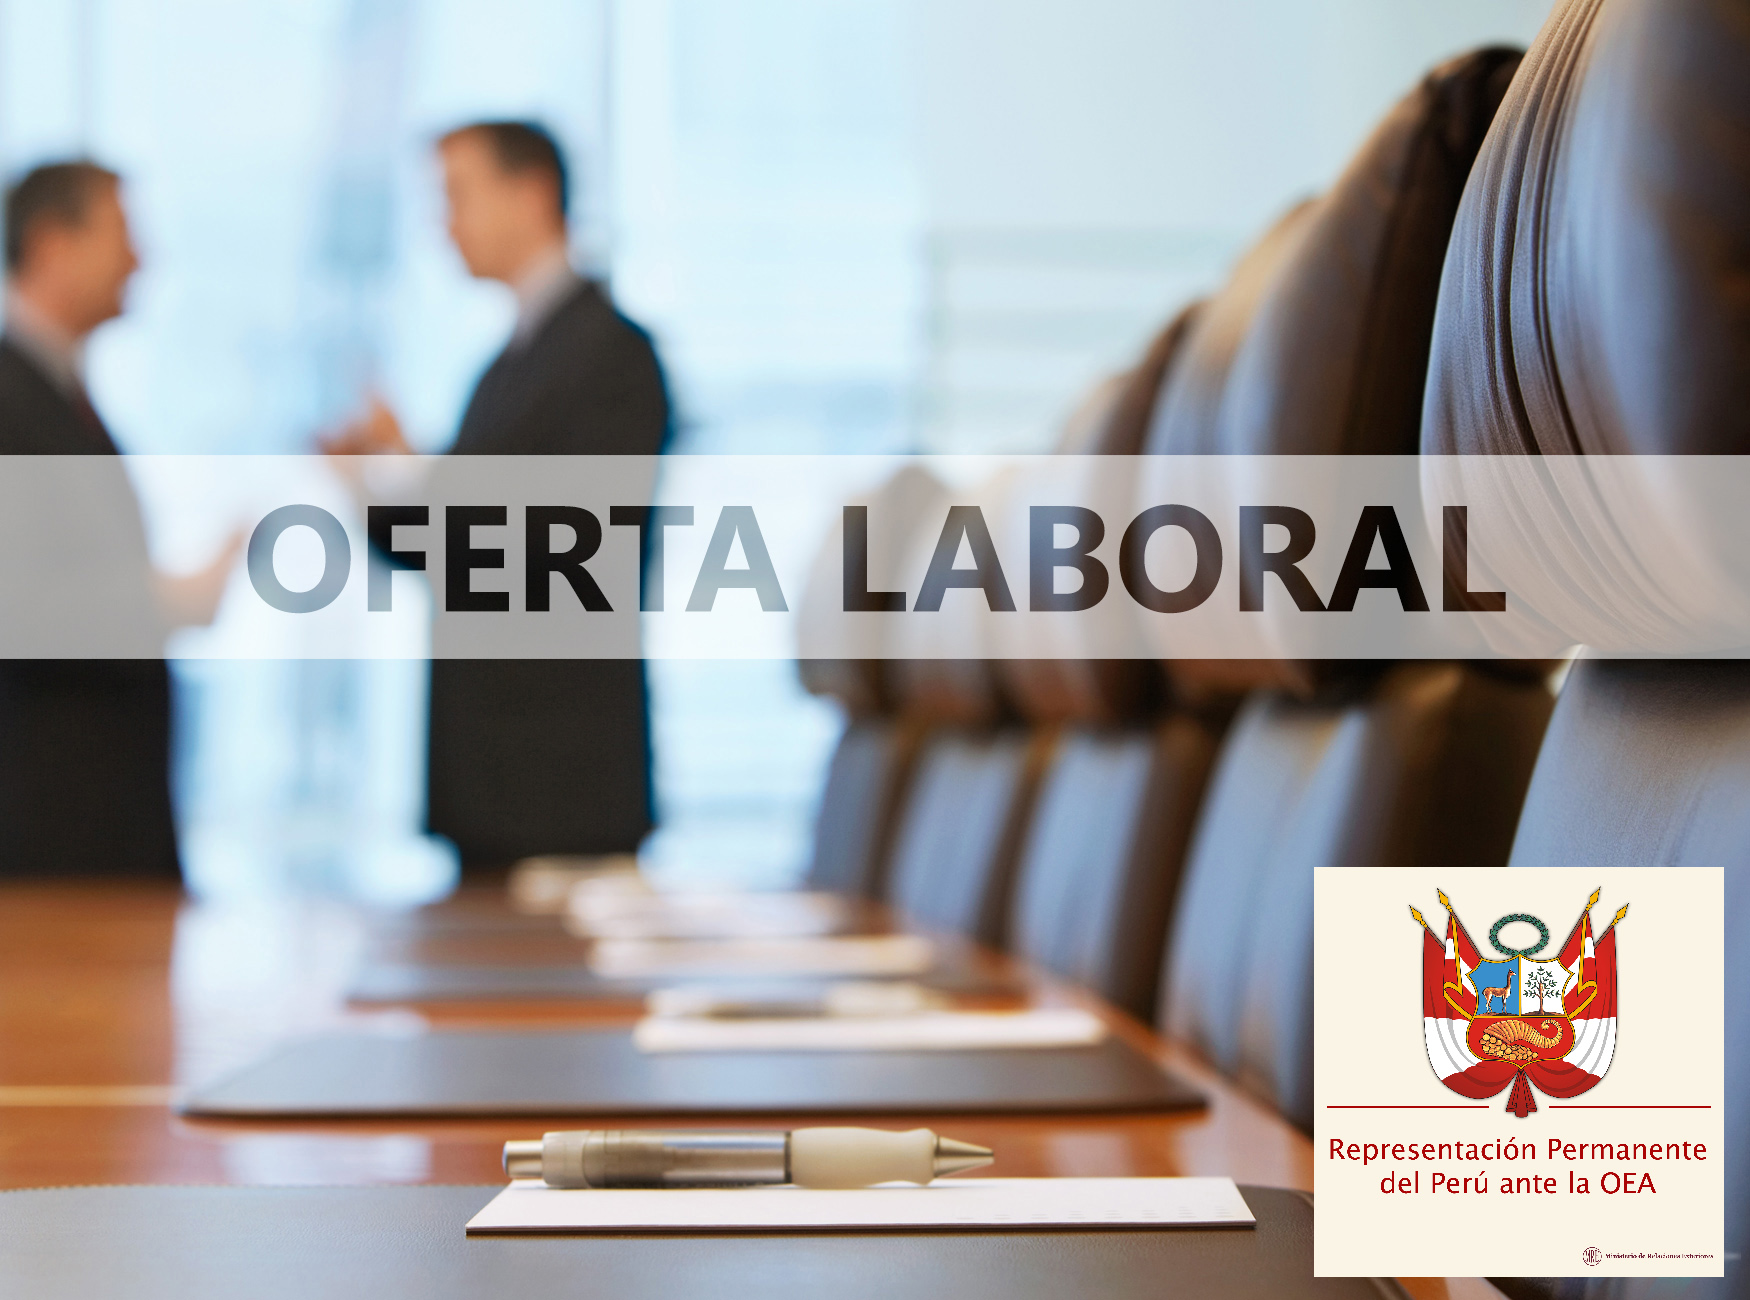 Oferta-Laboral-Perú-OEA